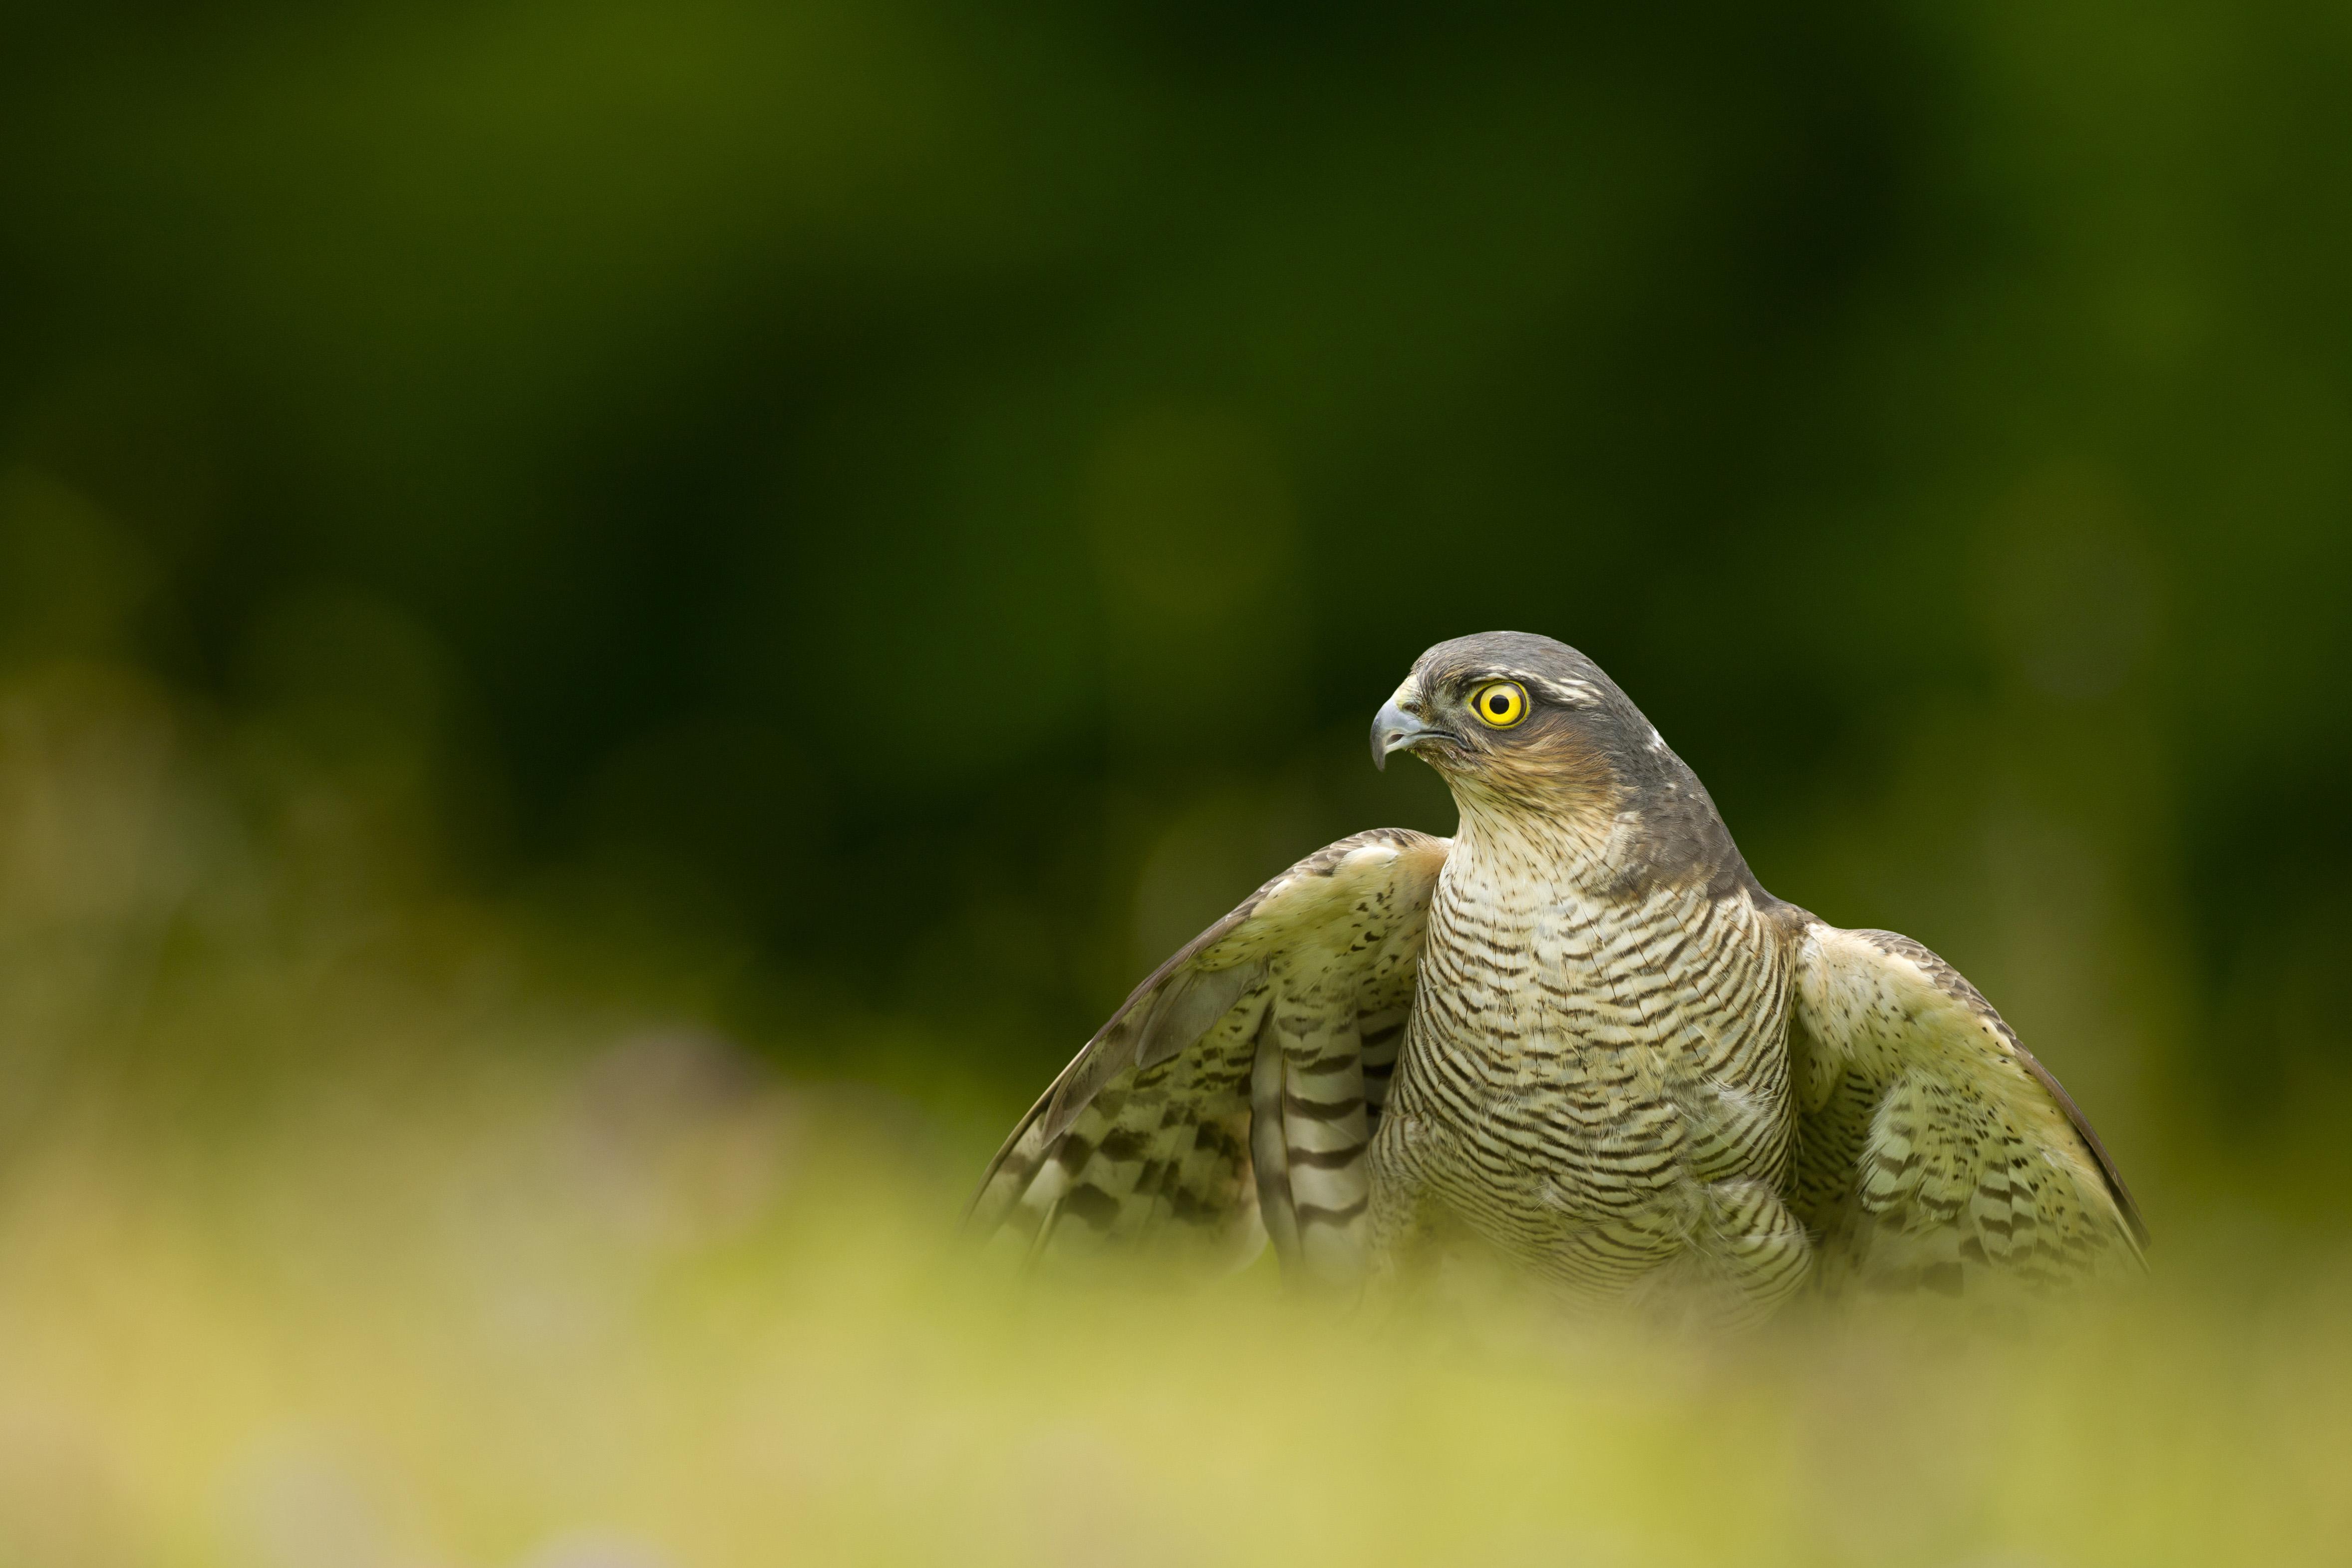 Baby sparrow hawk - photo#40